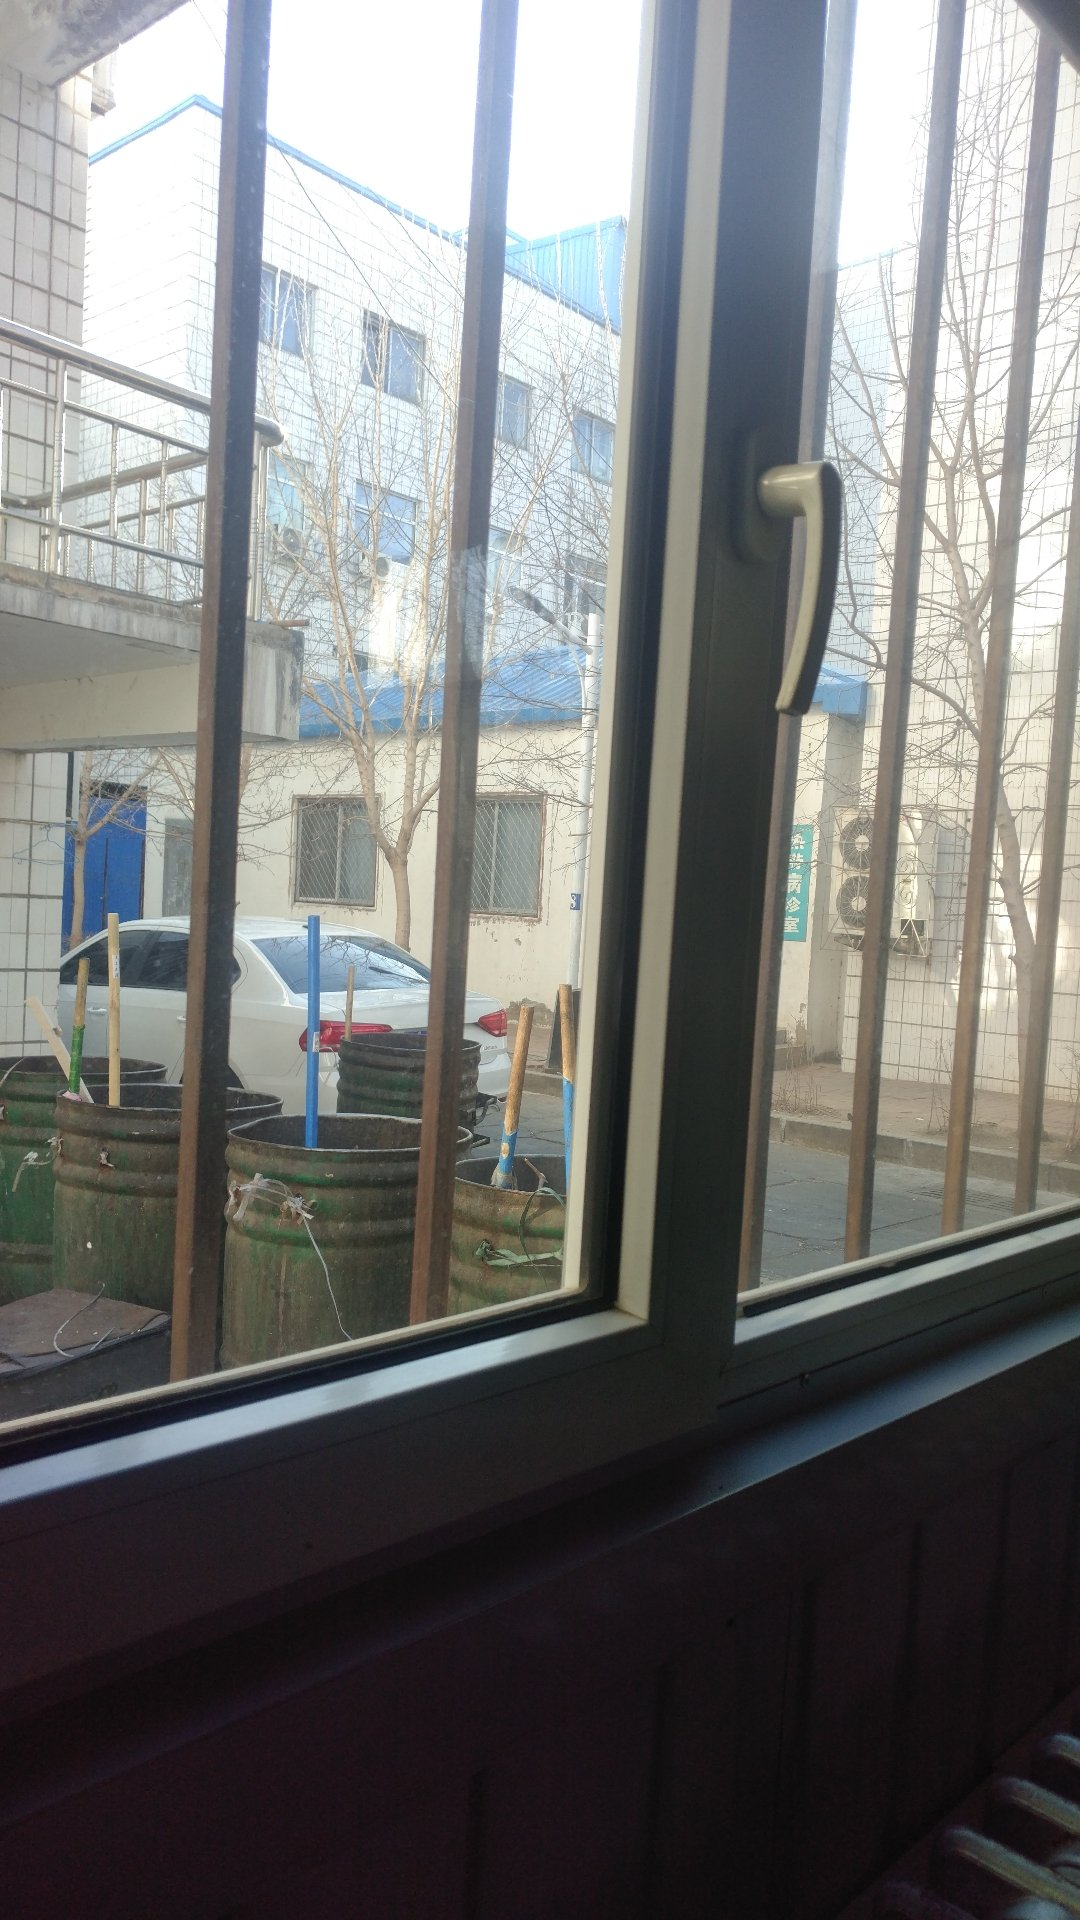 黑龙江省大庆市让胡路区爱国路靠近昆仑集团(爱国路)天气预报